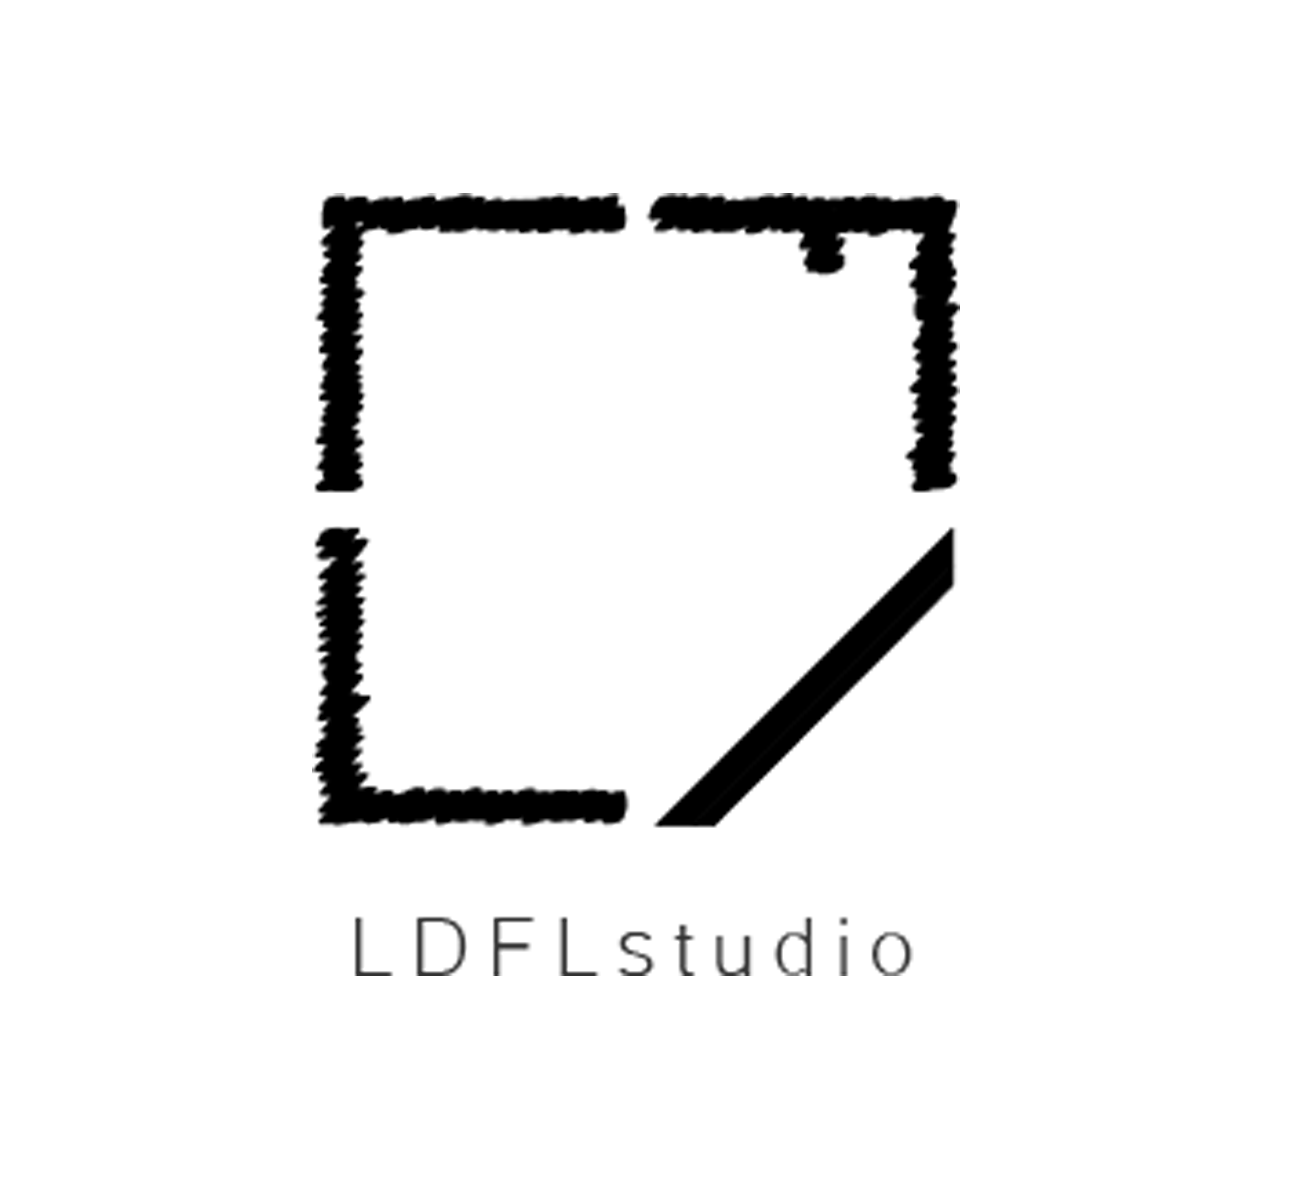 LDFLstudio